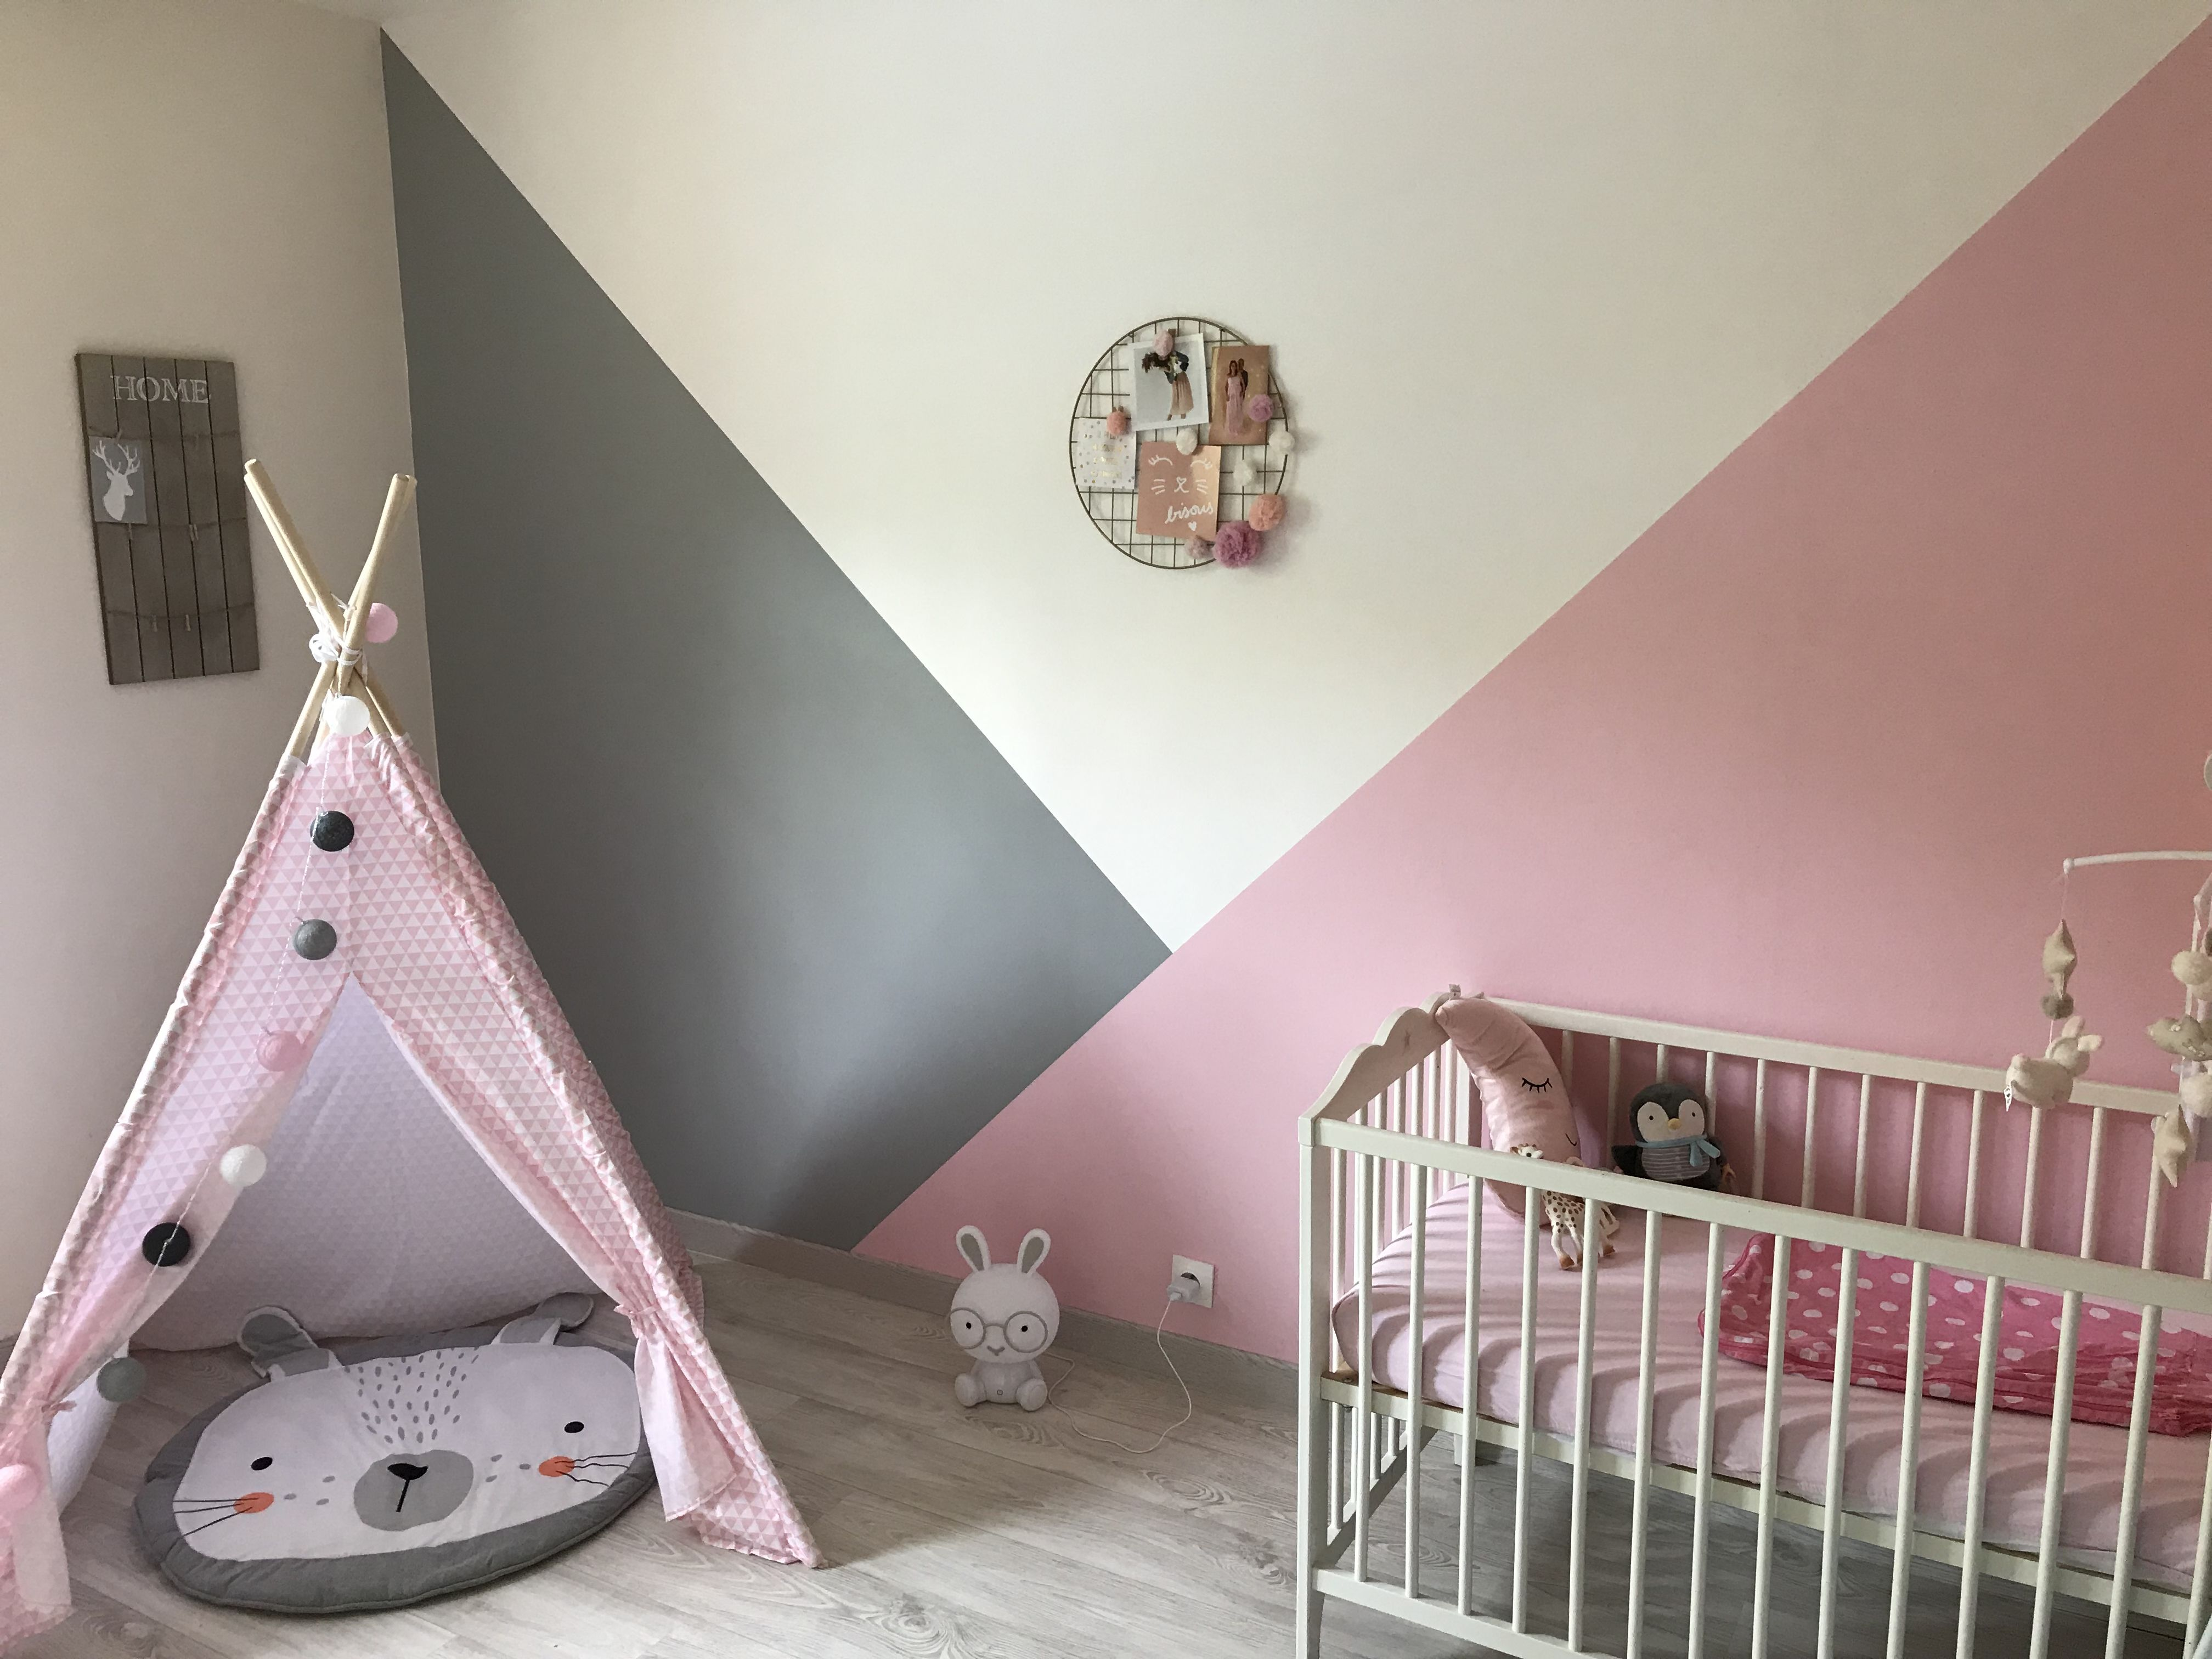 Chambre bébé fille  Chambre bébé, Déco chambre bébé, Chambre bébé